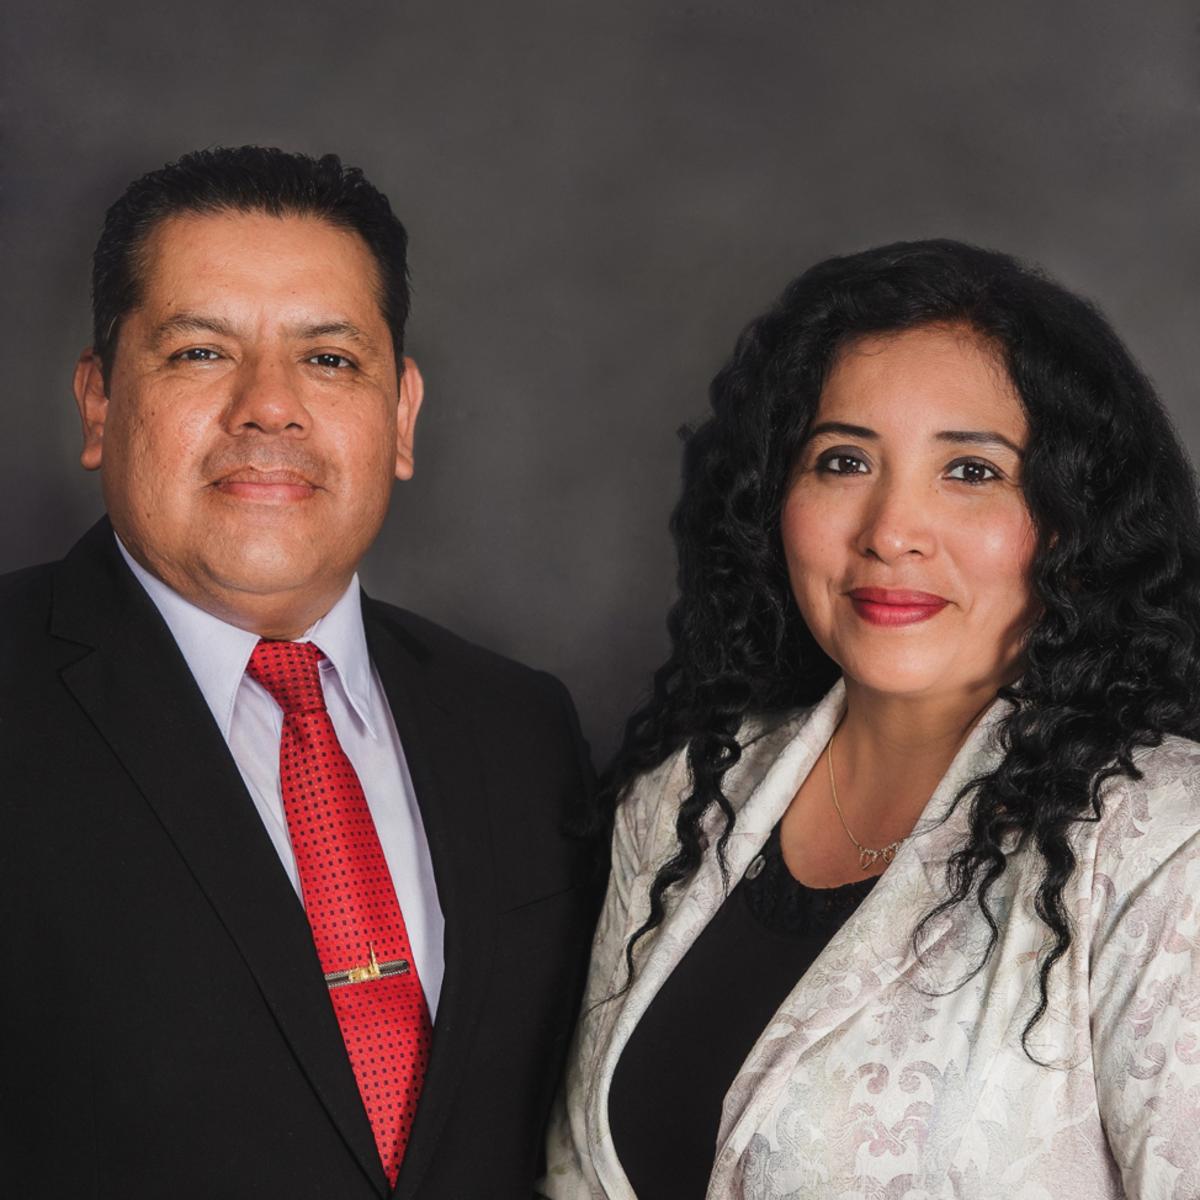 El Presidente Hinostroza y su esposa de la Misión Perú Trujillo Norte